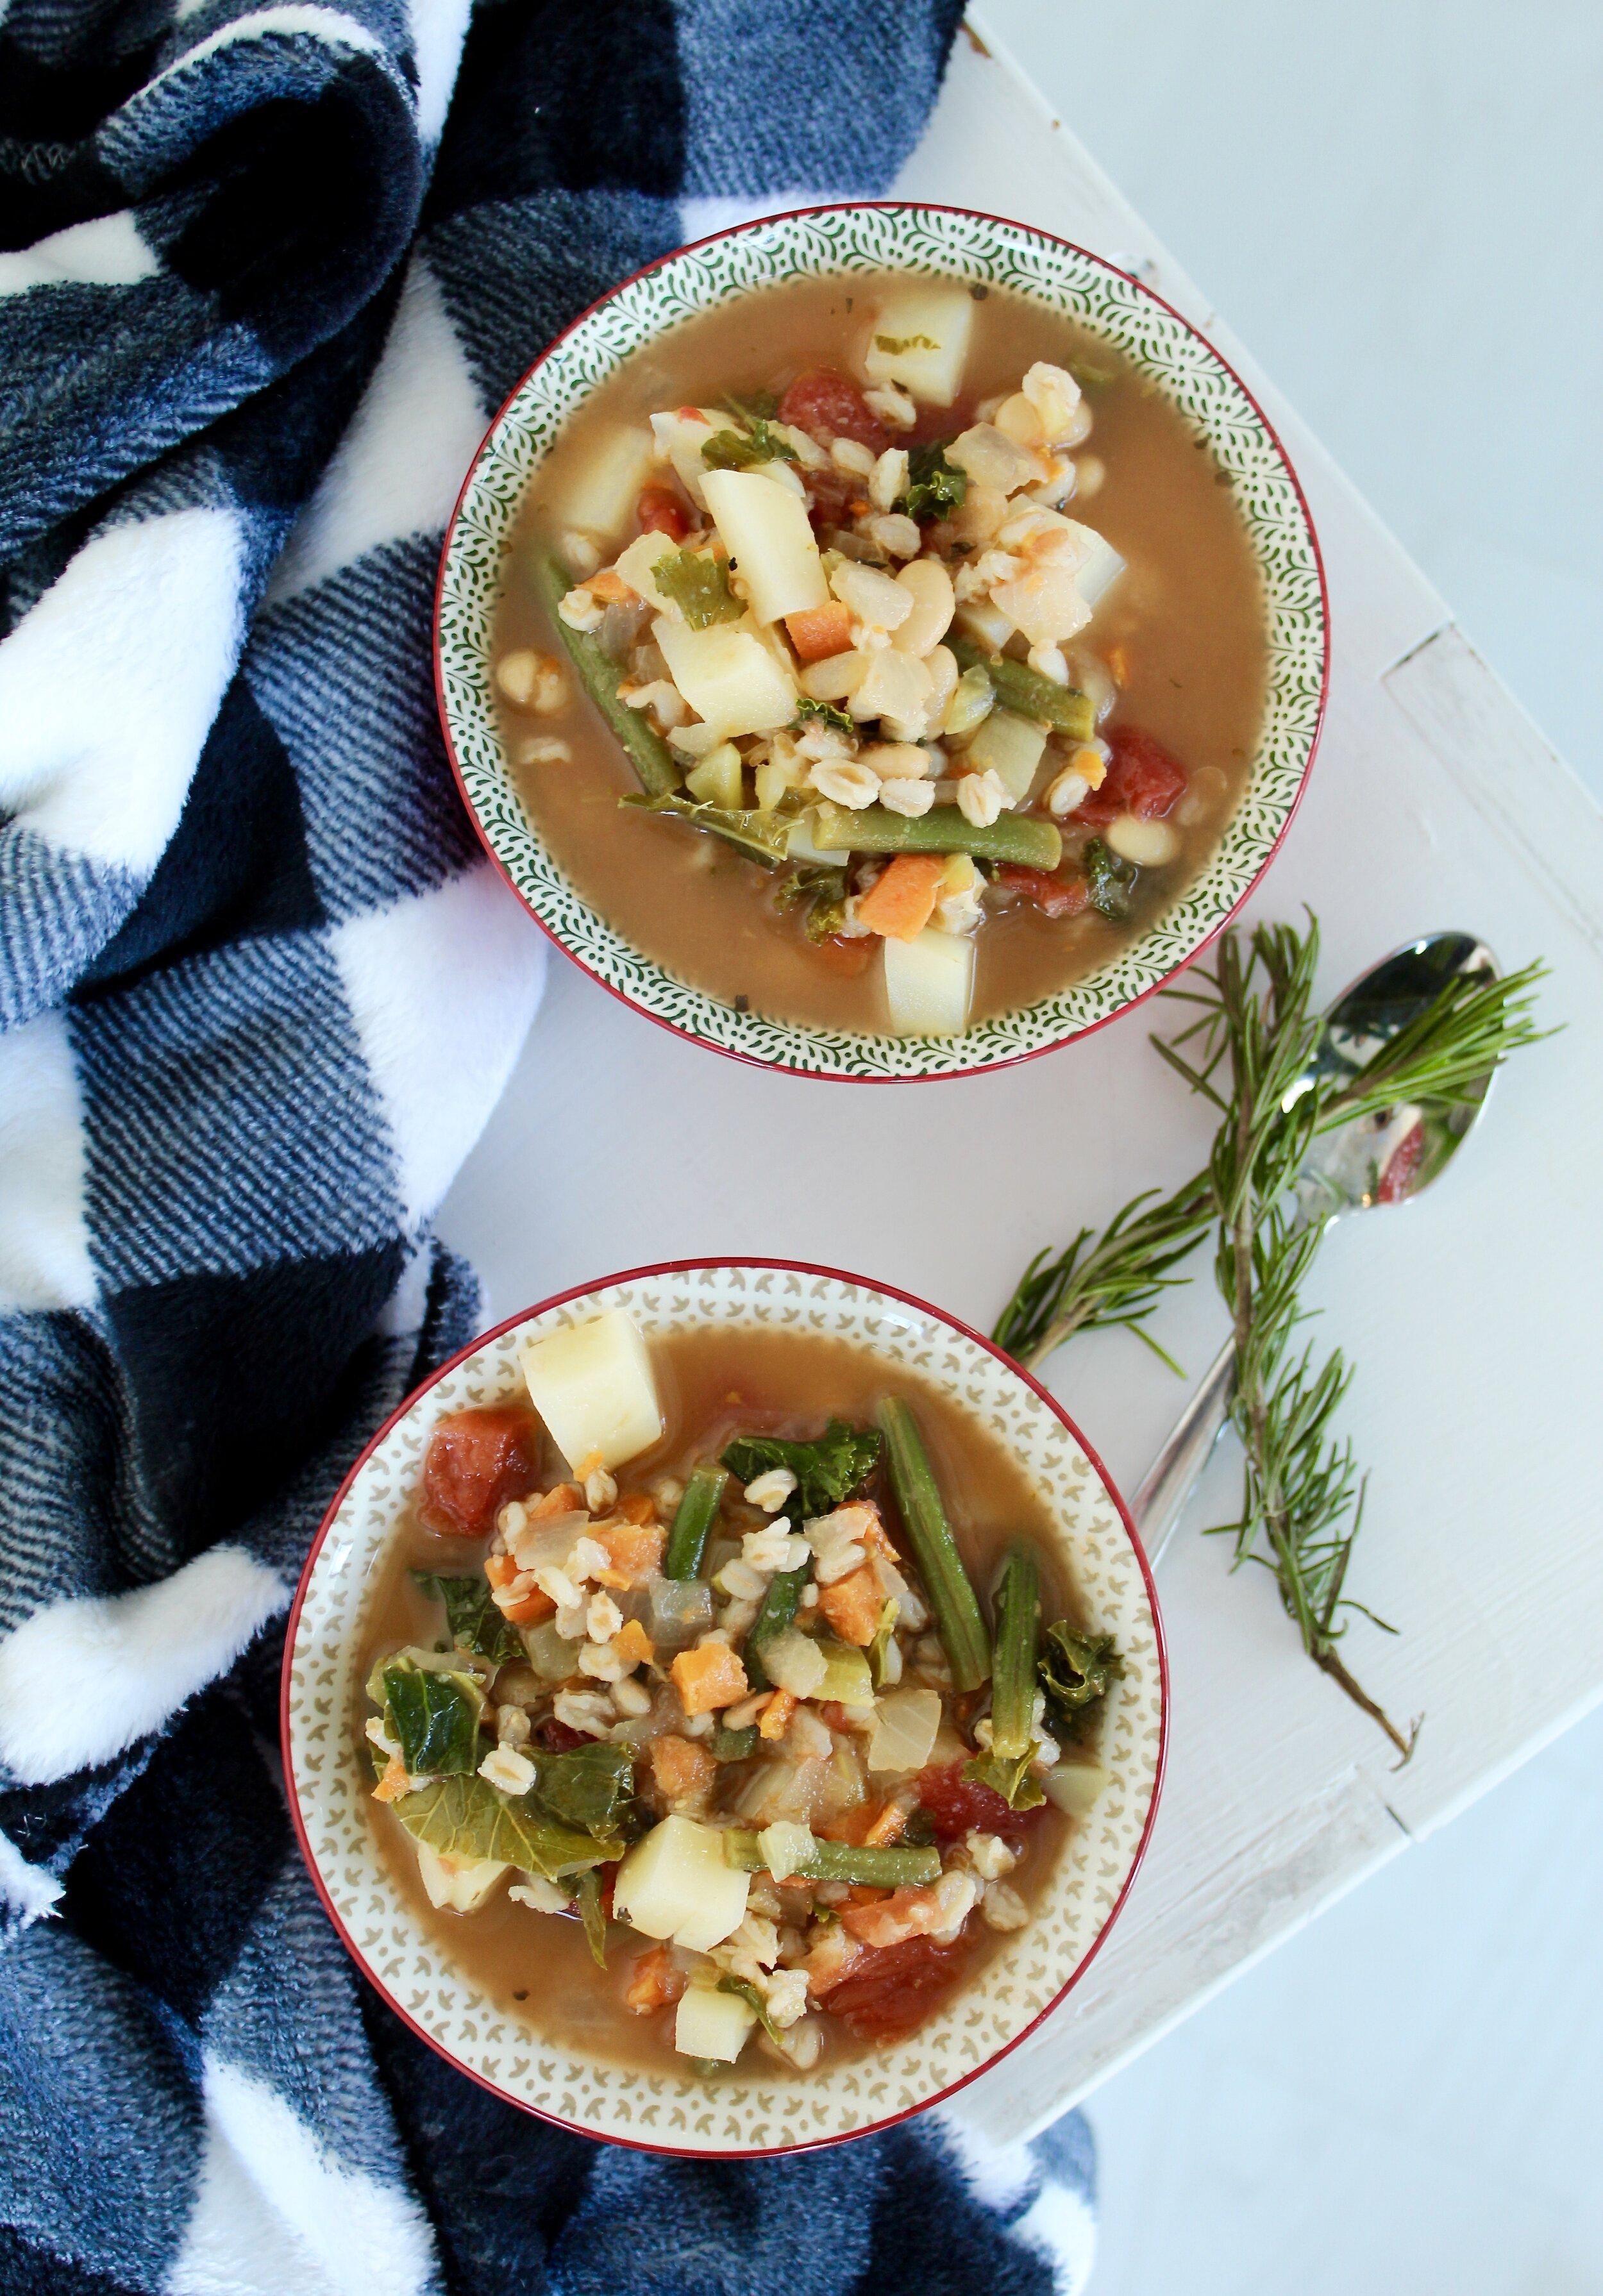 法罗蔬菜汤